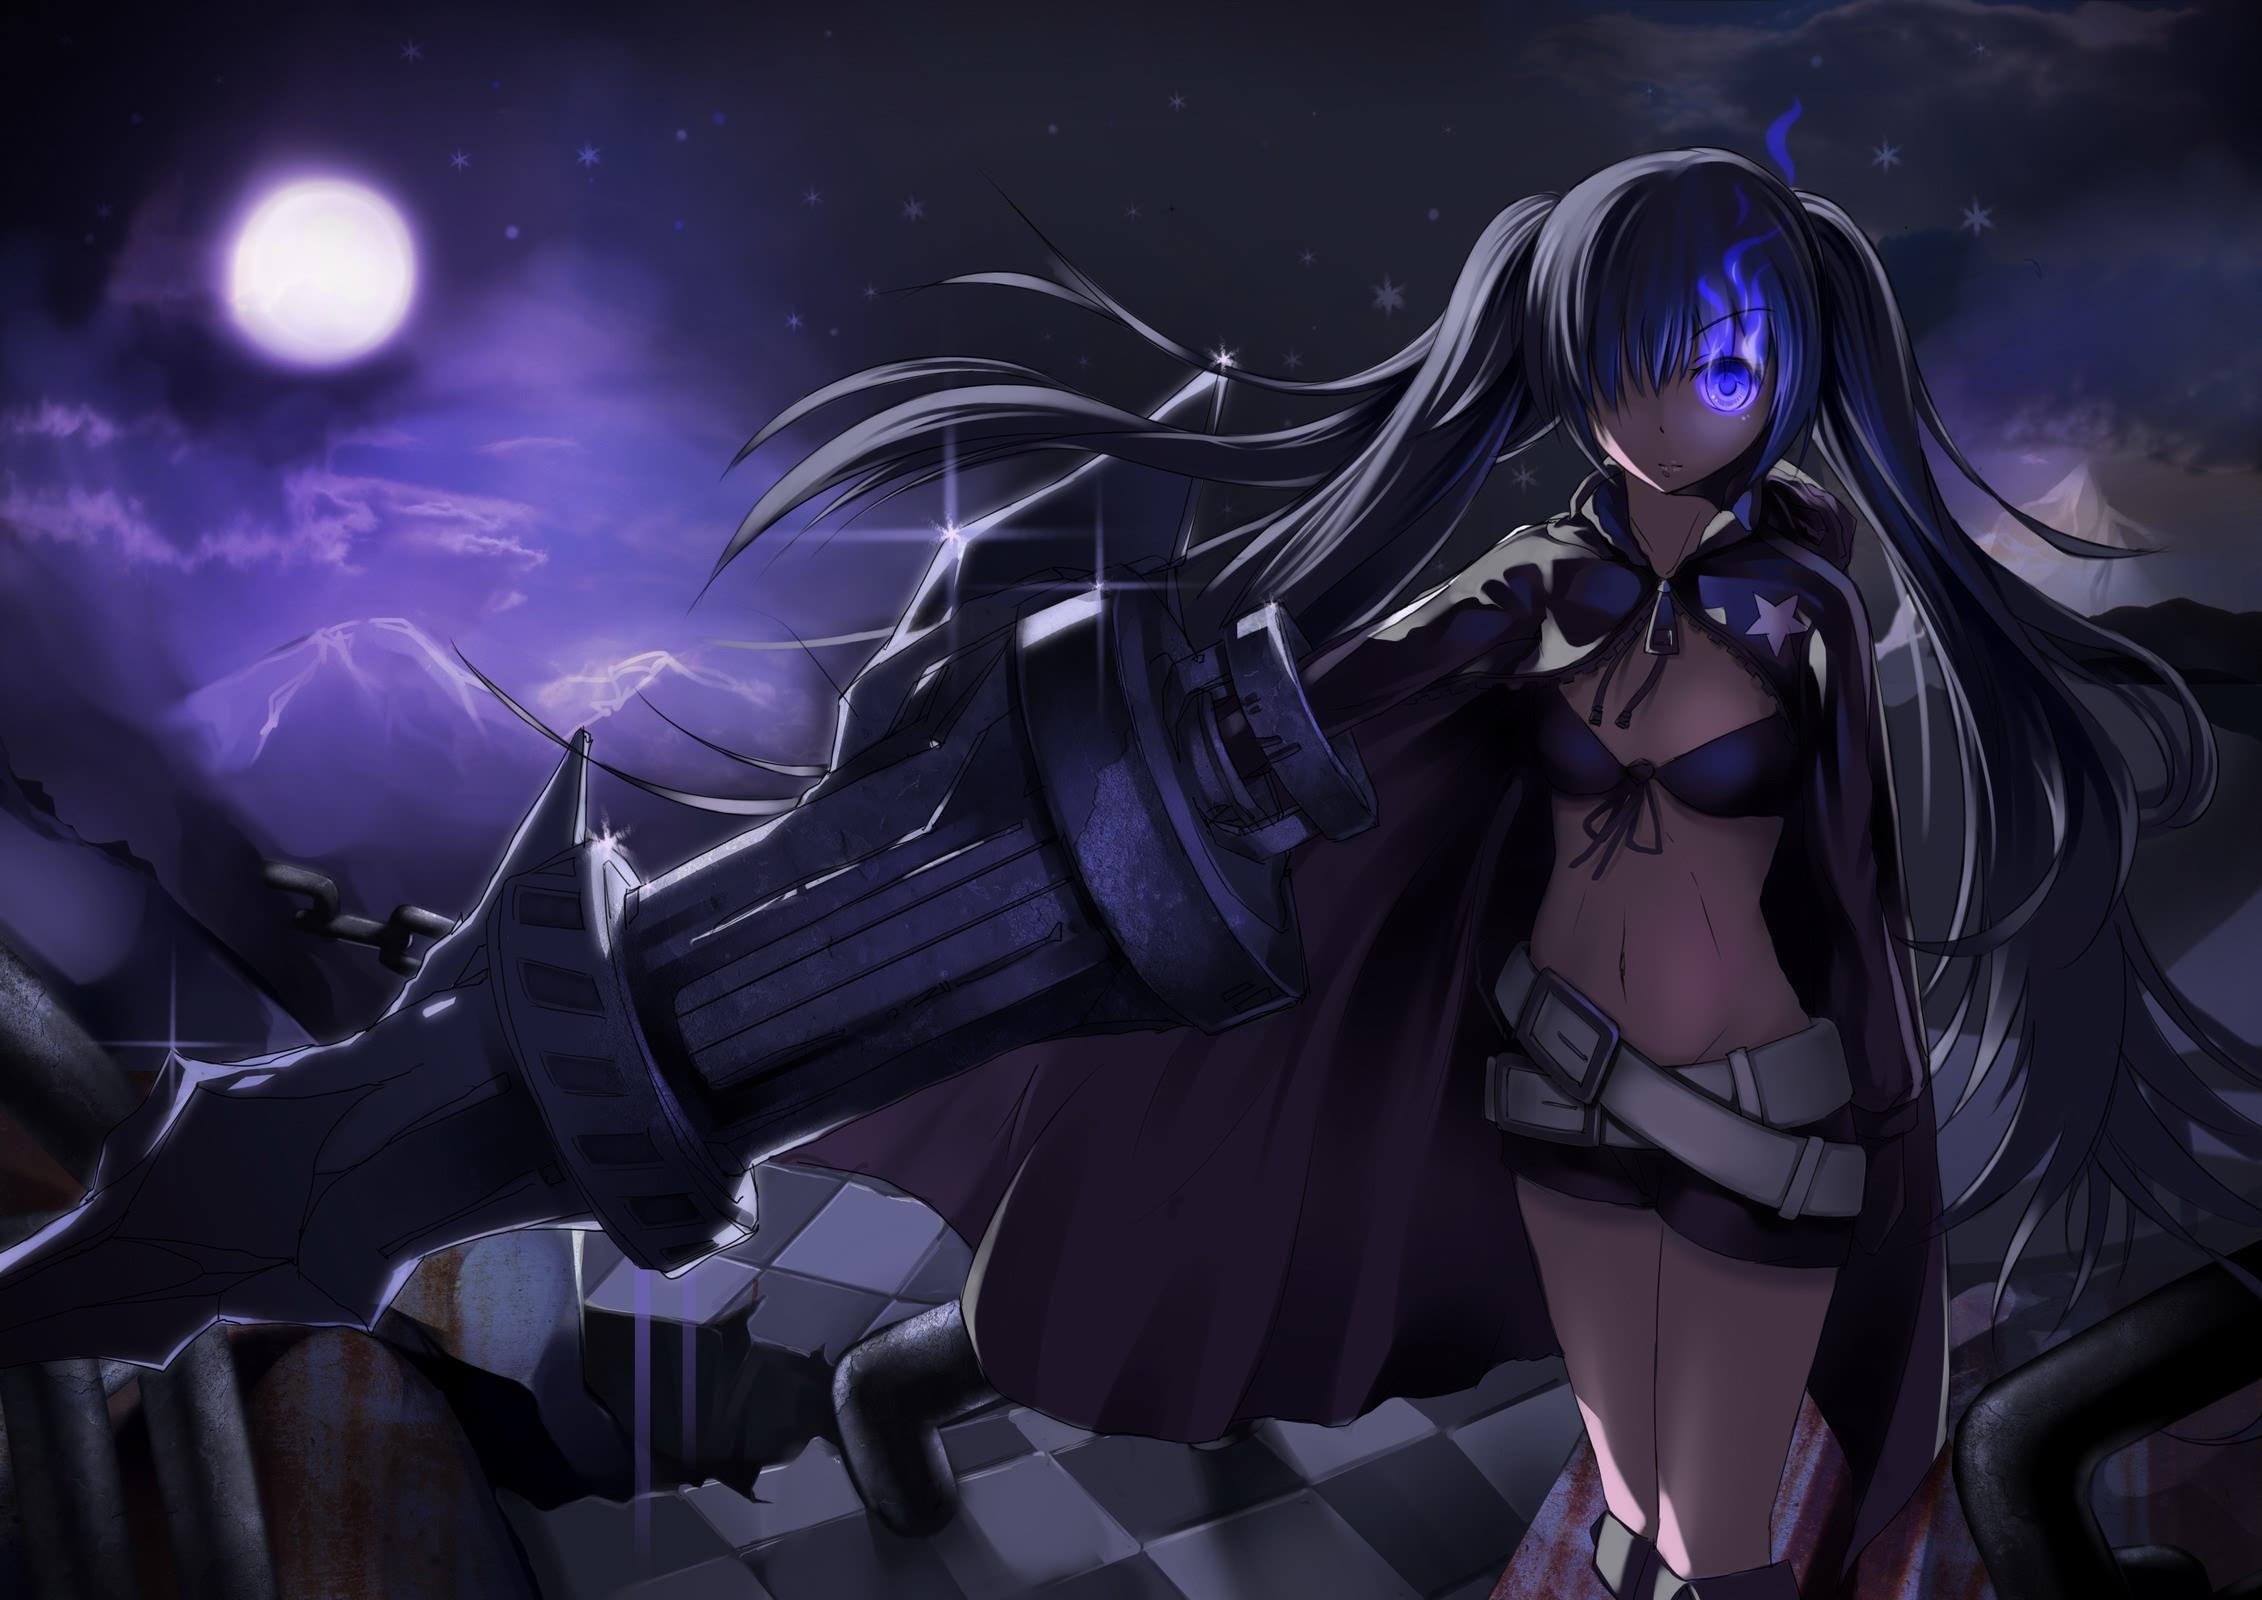 紫黑瞳的动漫美少女图图~~~要看